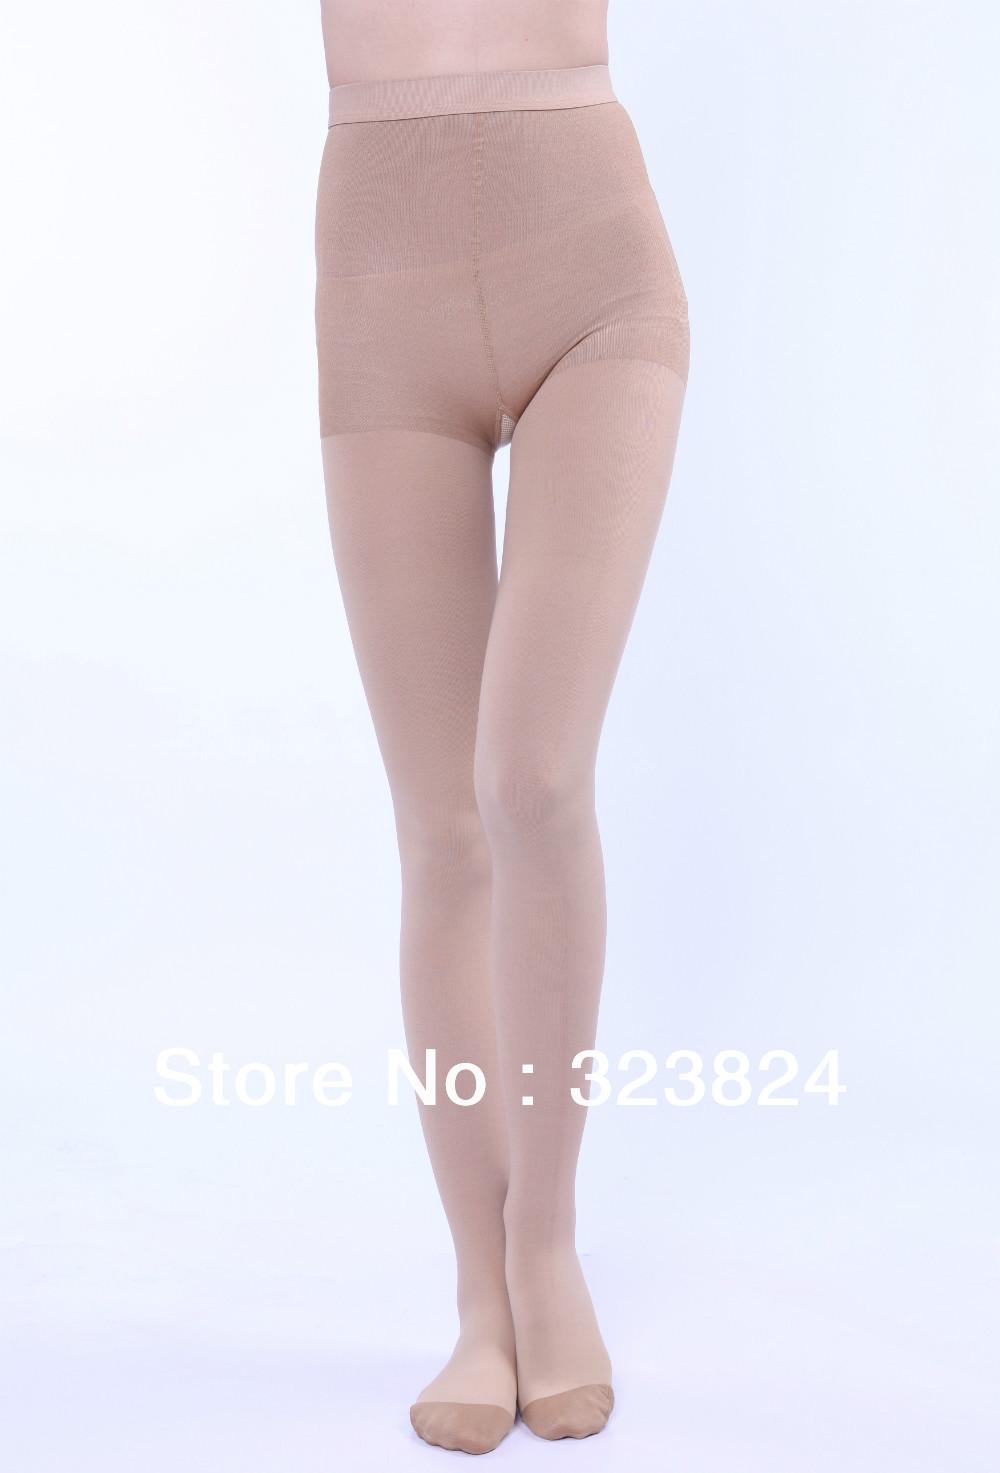 Pantyhose free shipping